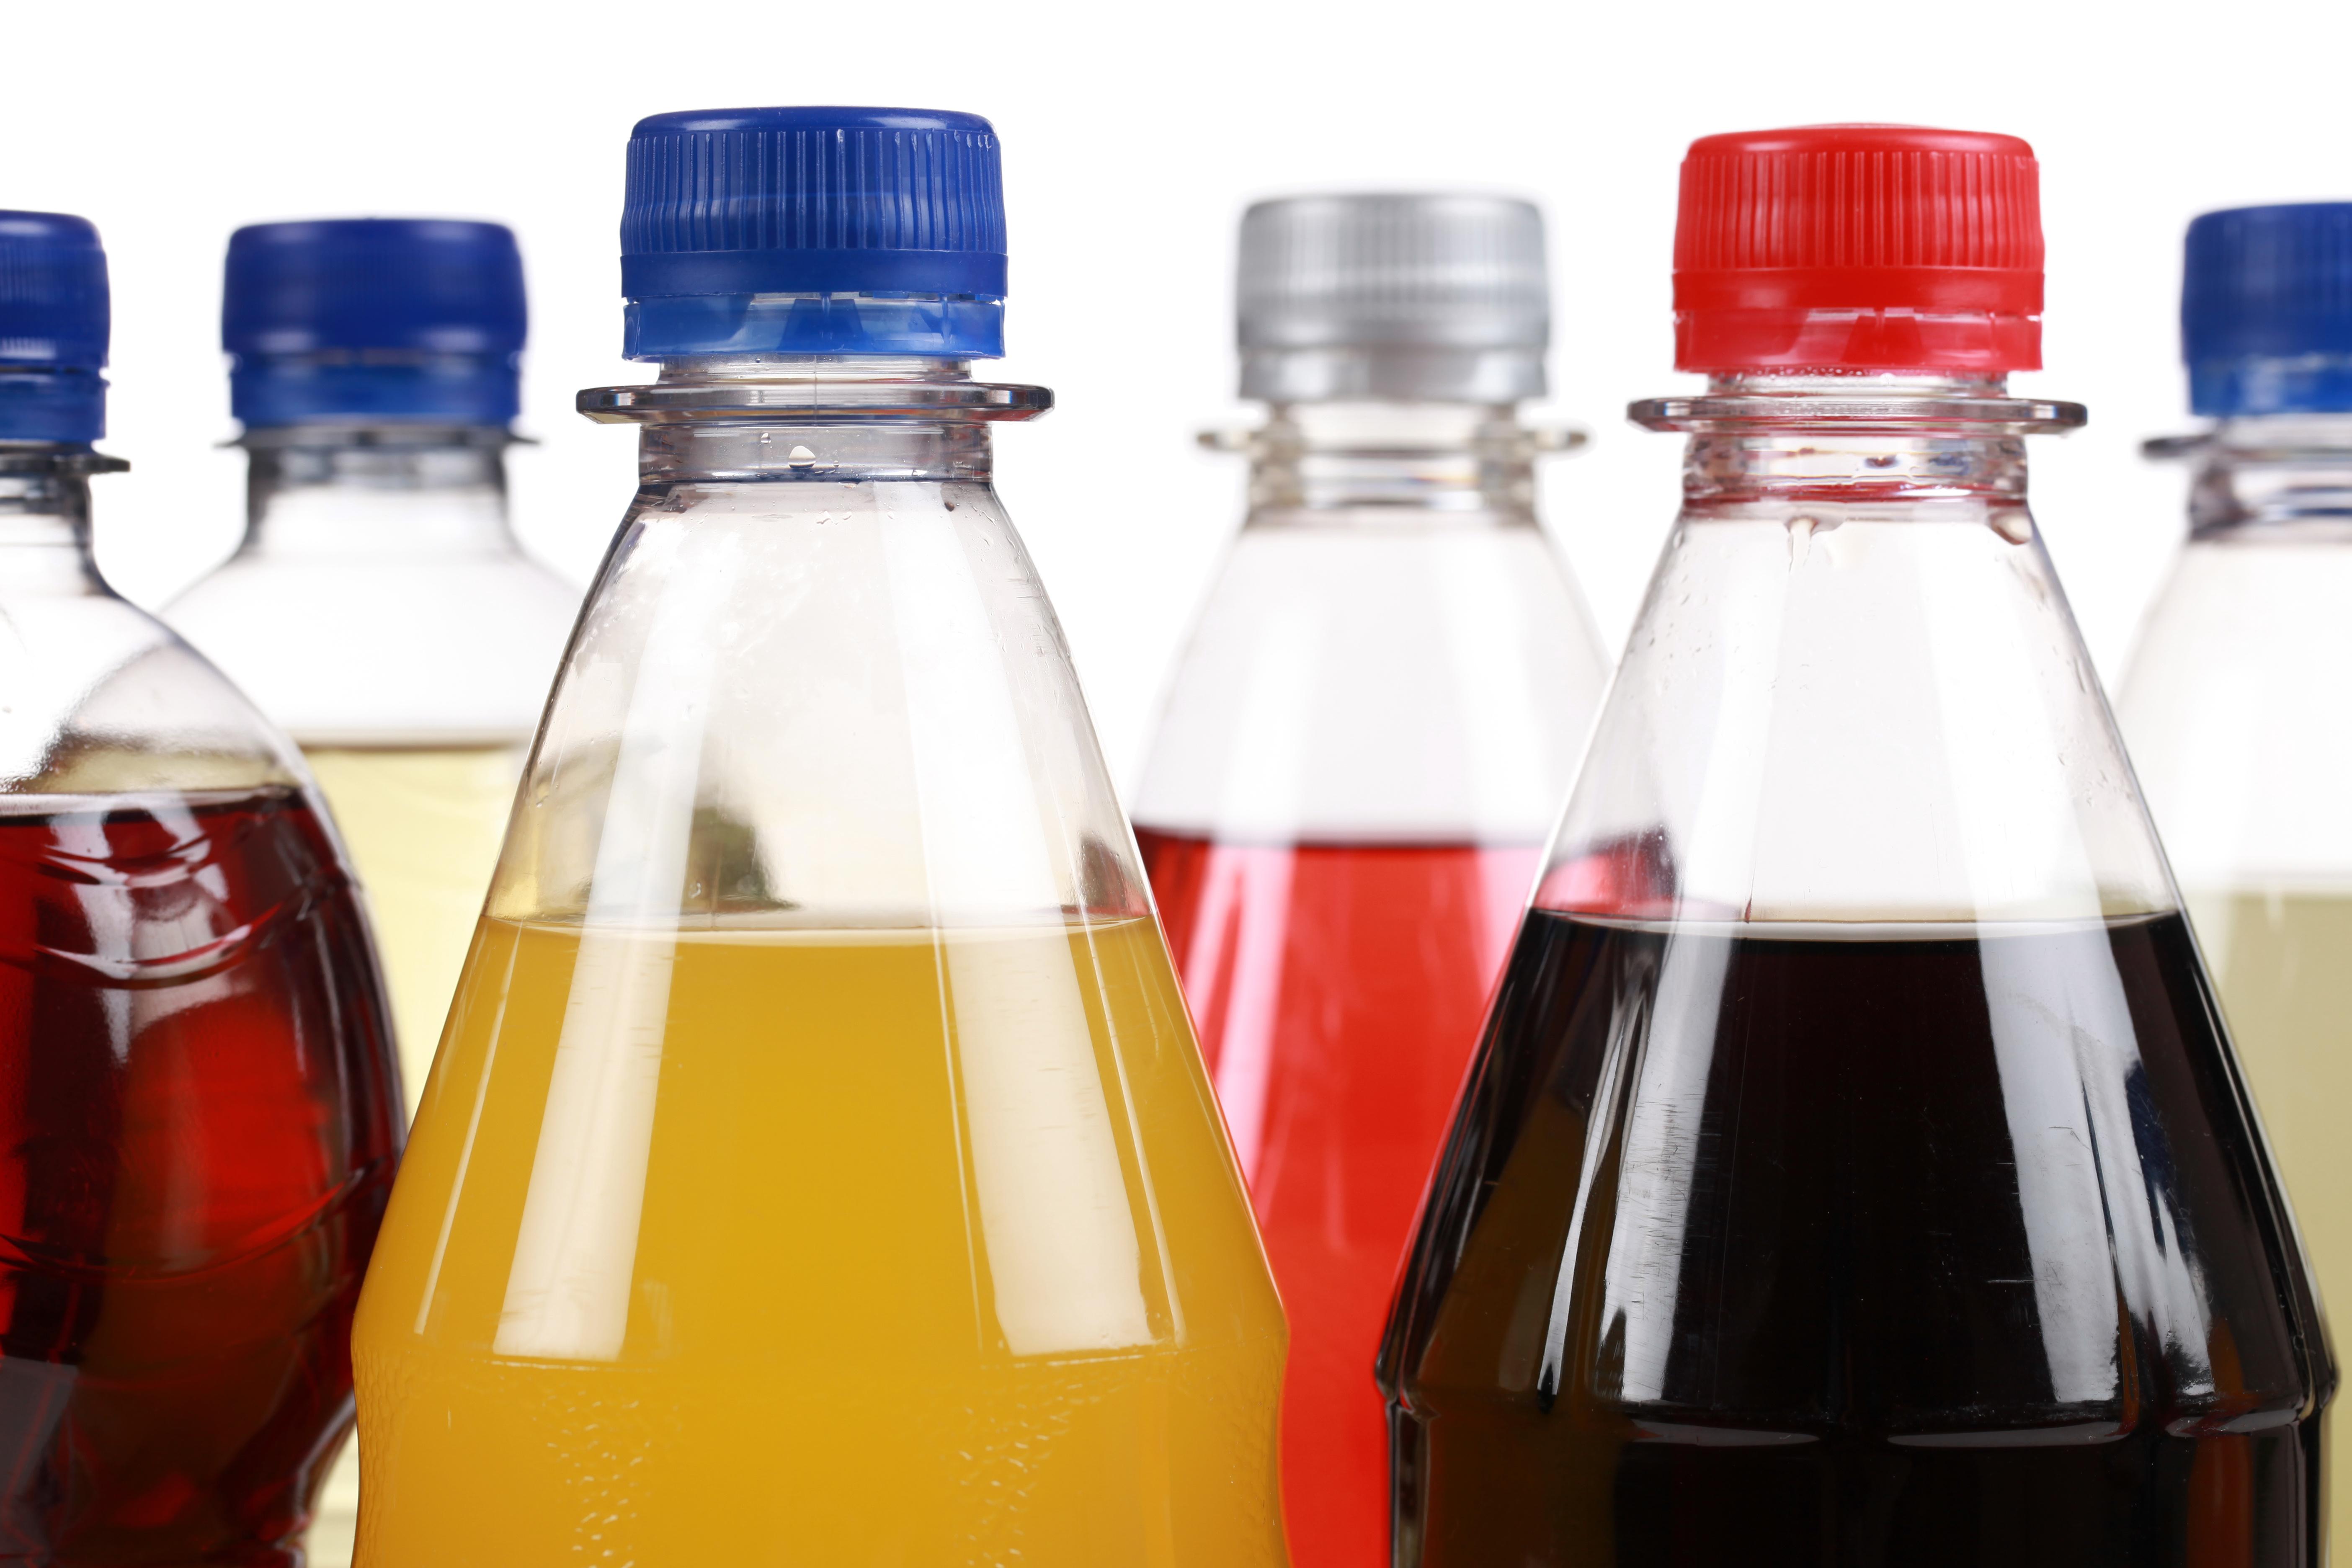 Alimentos - refrigerantes sucos bebidas industrializadas